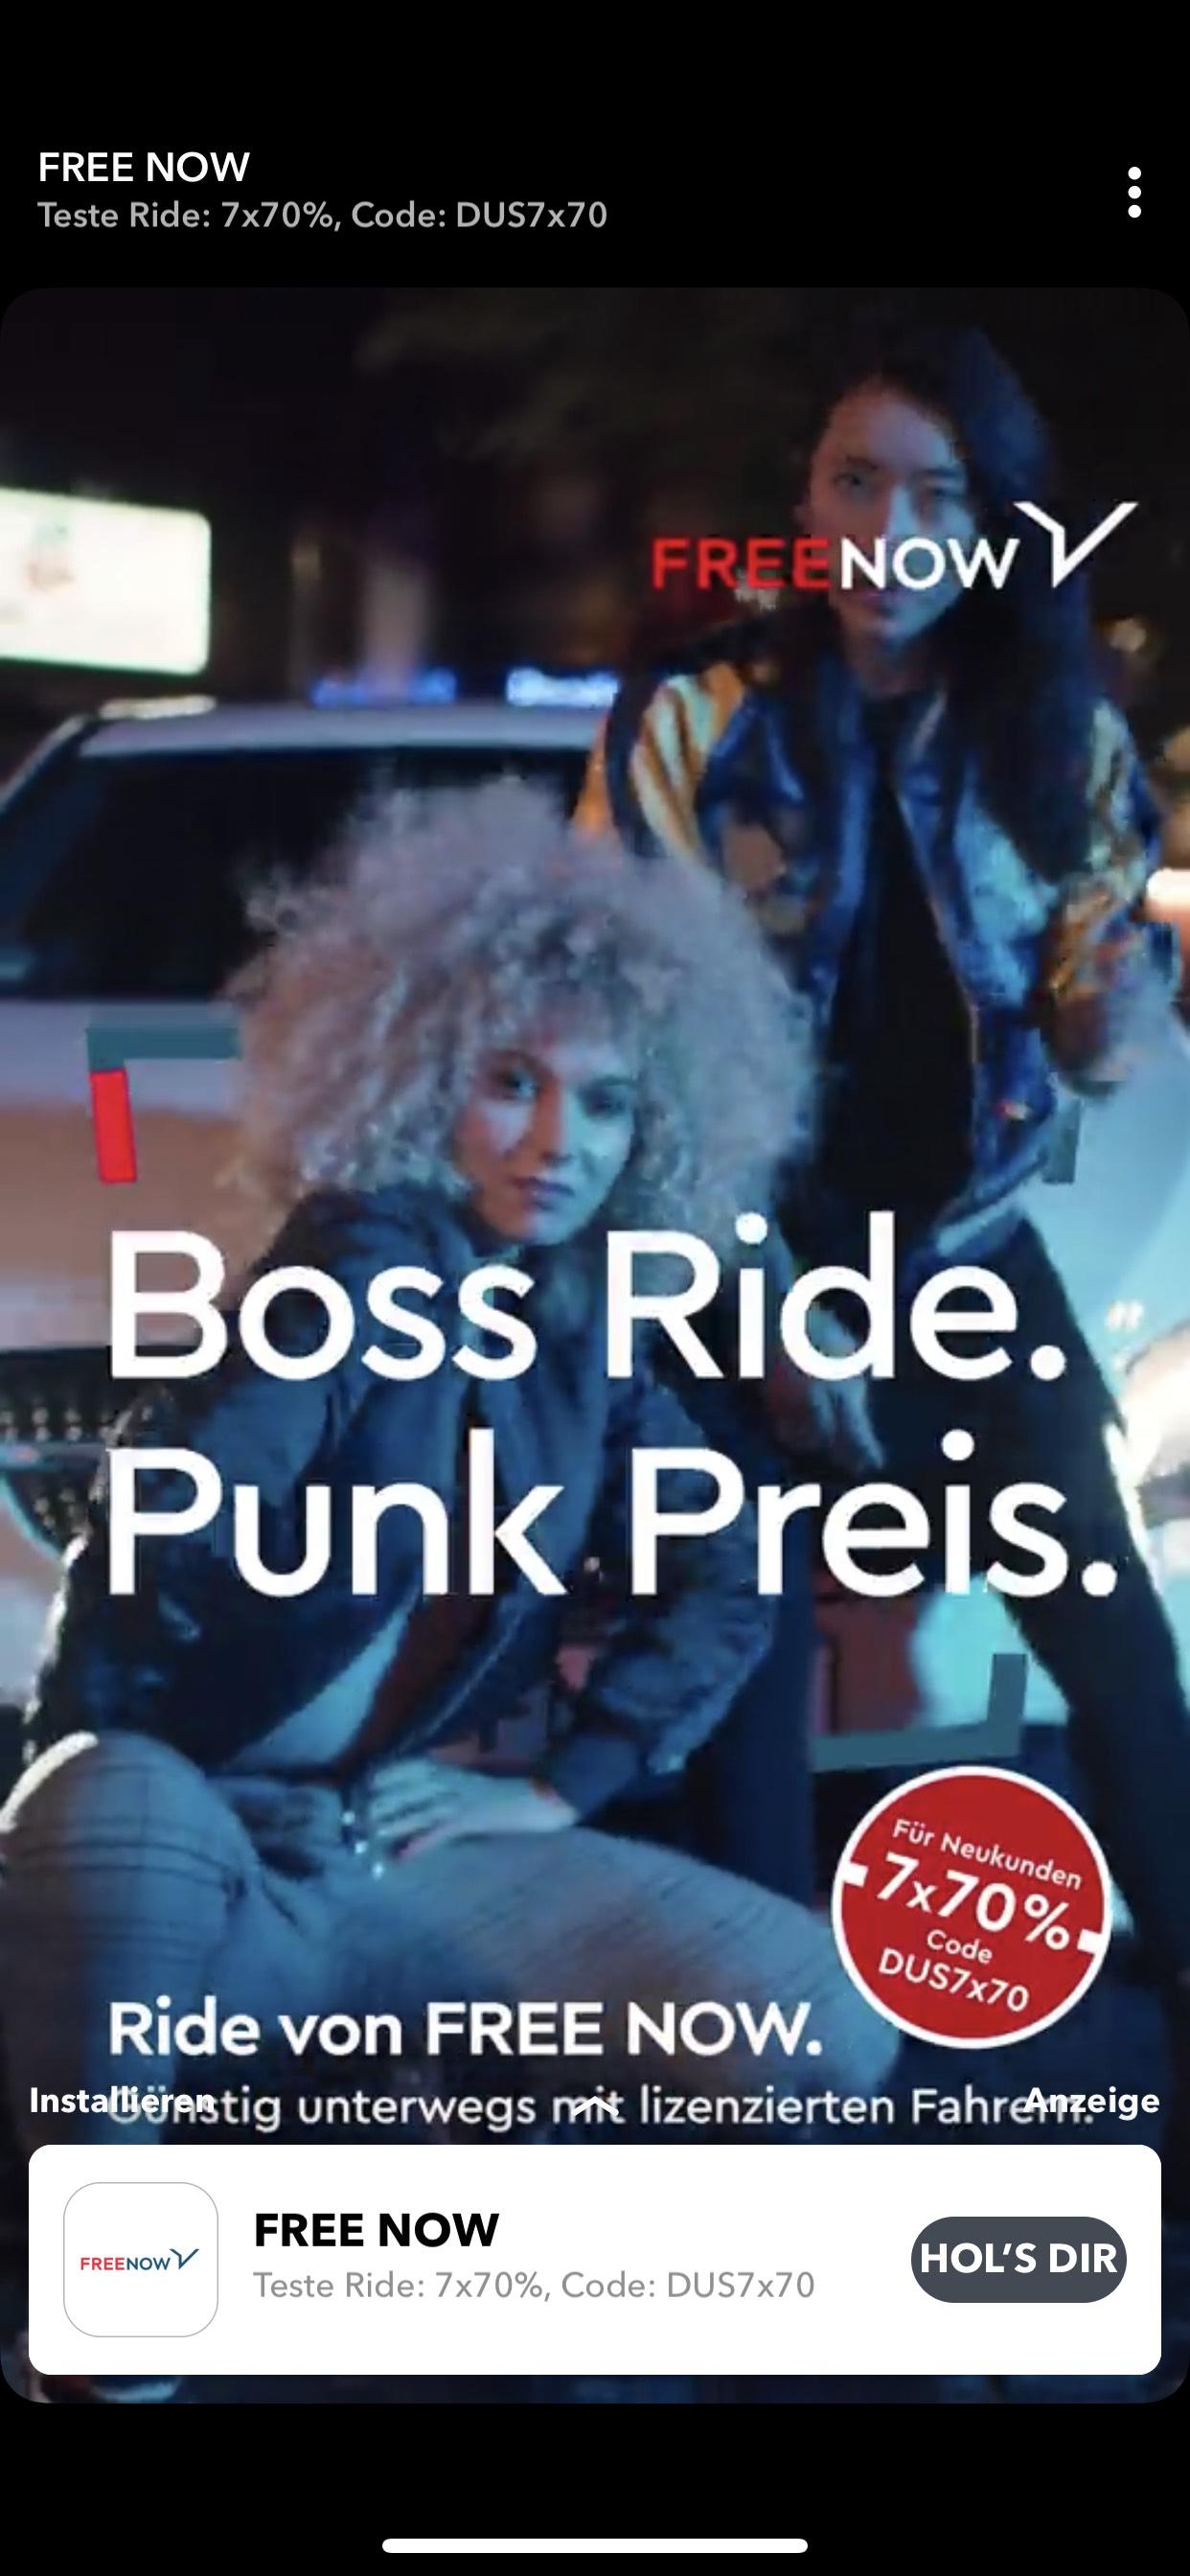 FREE NOW Ride (mytaxi) Neukunden Düsseldorf - 7 x 70% Rabatt (bis 10€) (freenow)